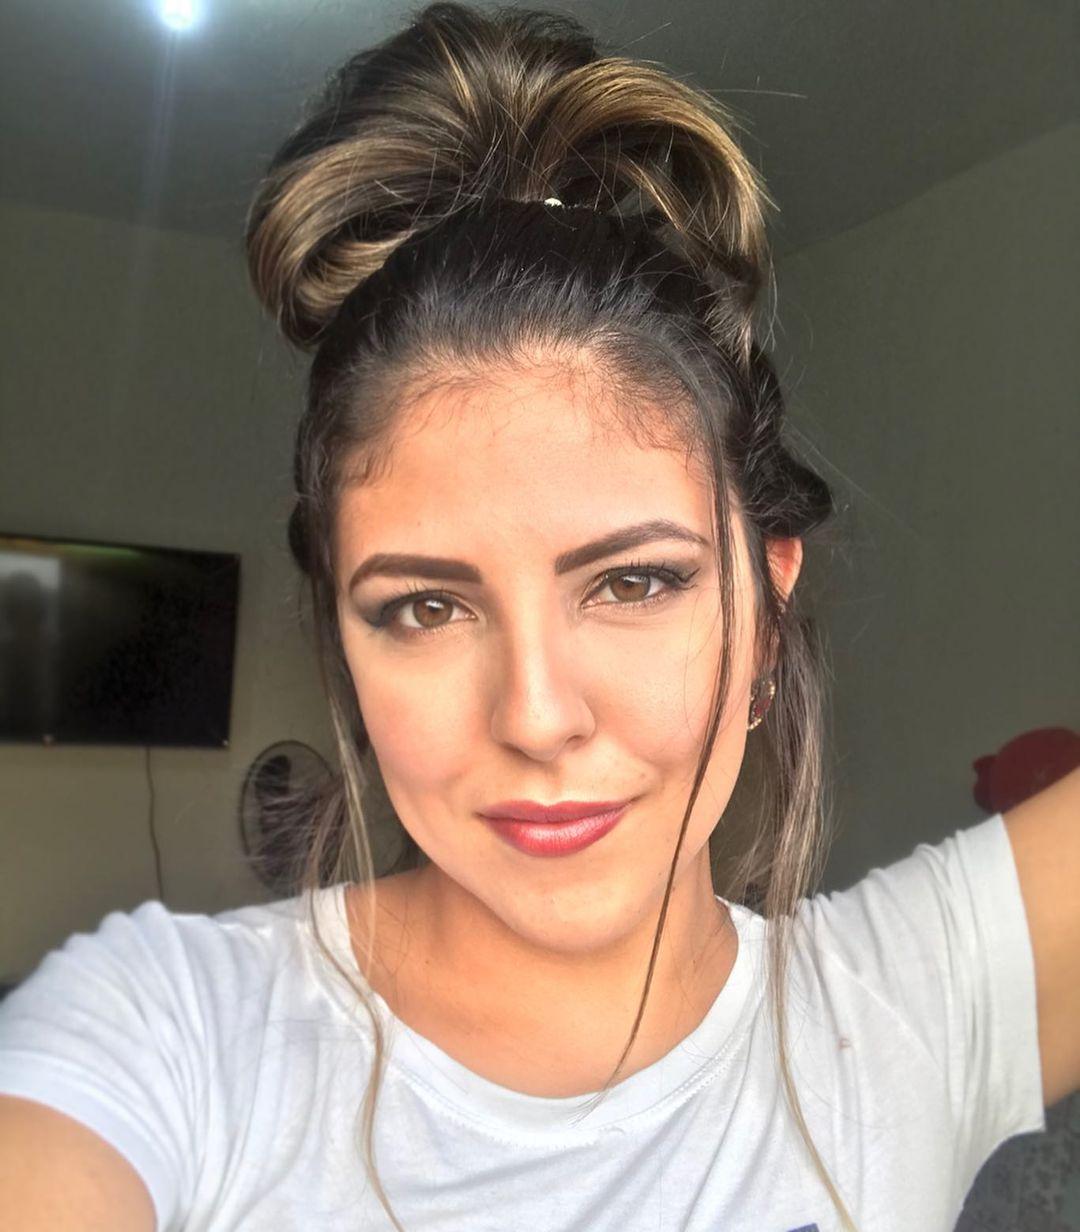 1612586187 853 tutoriales e inspiraciones para enamorarse del peinado - 8 tutoriales sobre cómo hacer un moño desordenado para innovar tus peinados